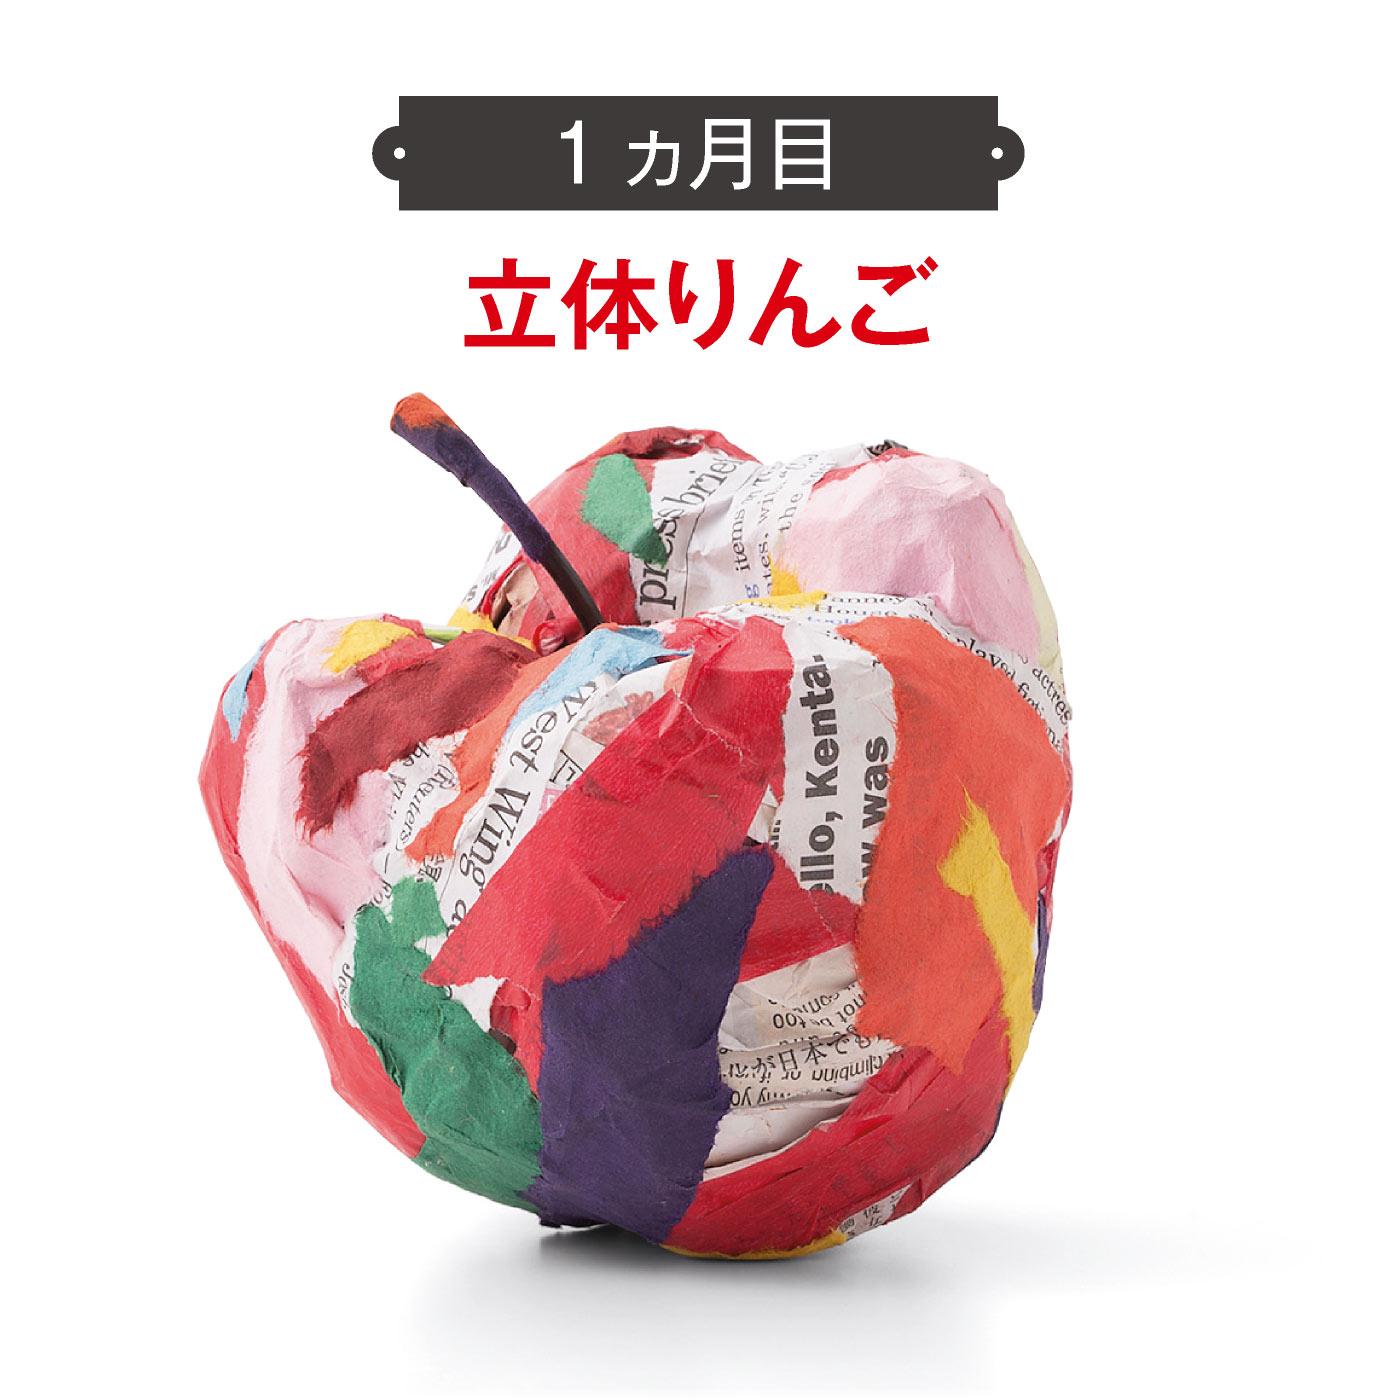 紙コップを使って芯にして新聞を巻きつけます。それに赤のマスキングテープを貼りつけていくと自分だけのユニークなリンゴが。